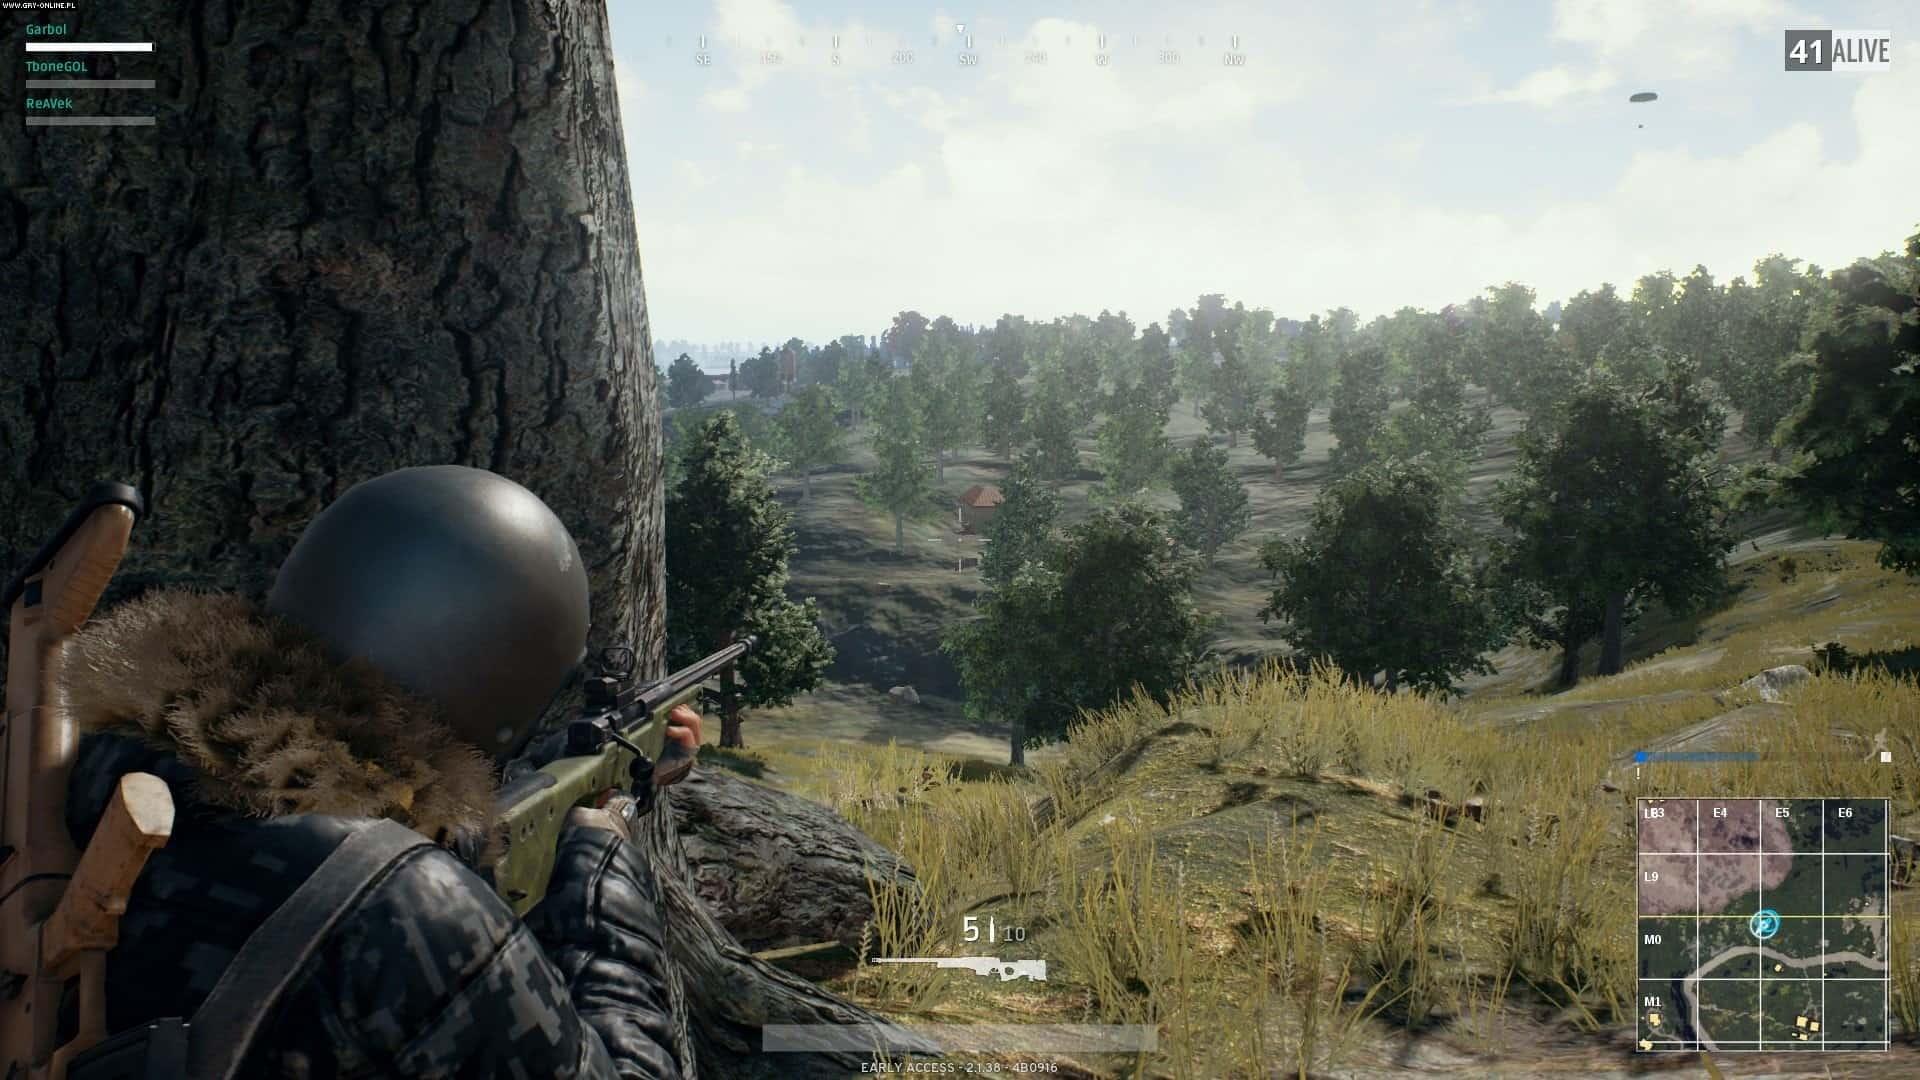 PlayerUnknown's Battlegrounds spiele herunterladen